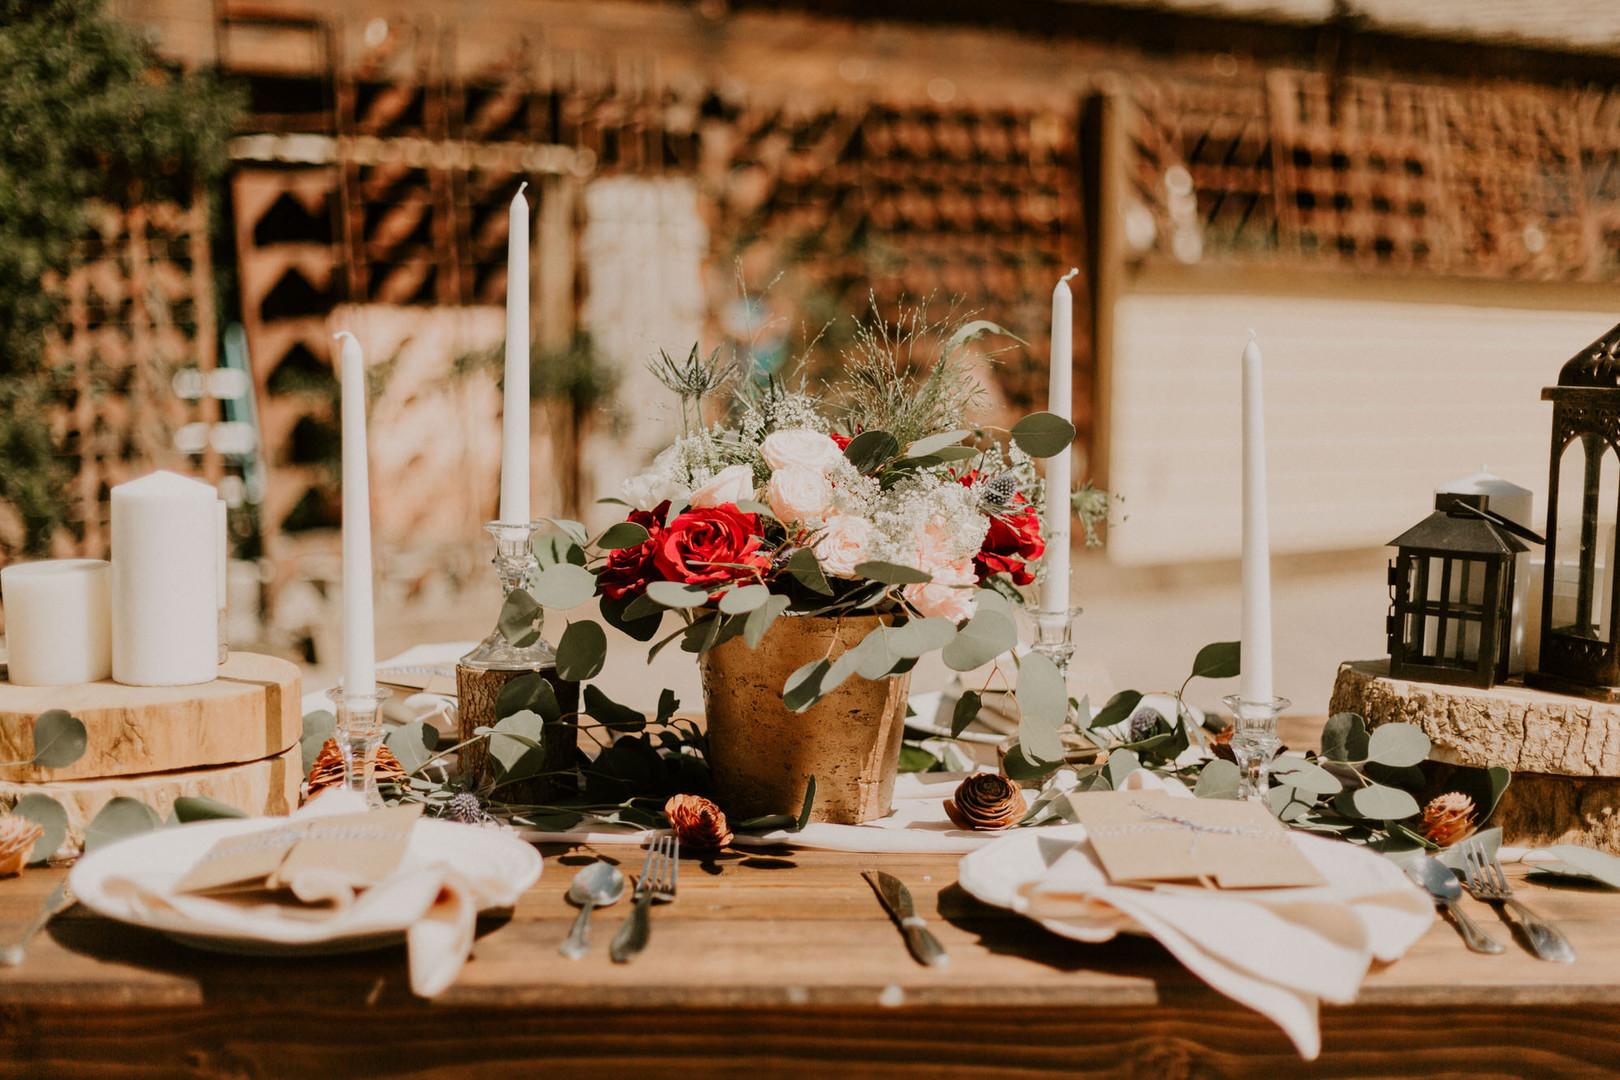 bröllop+romantiskt+lantligt+dukning